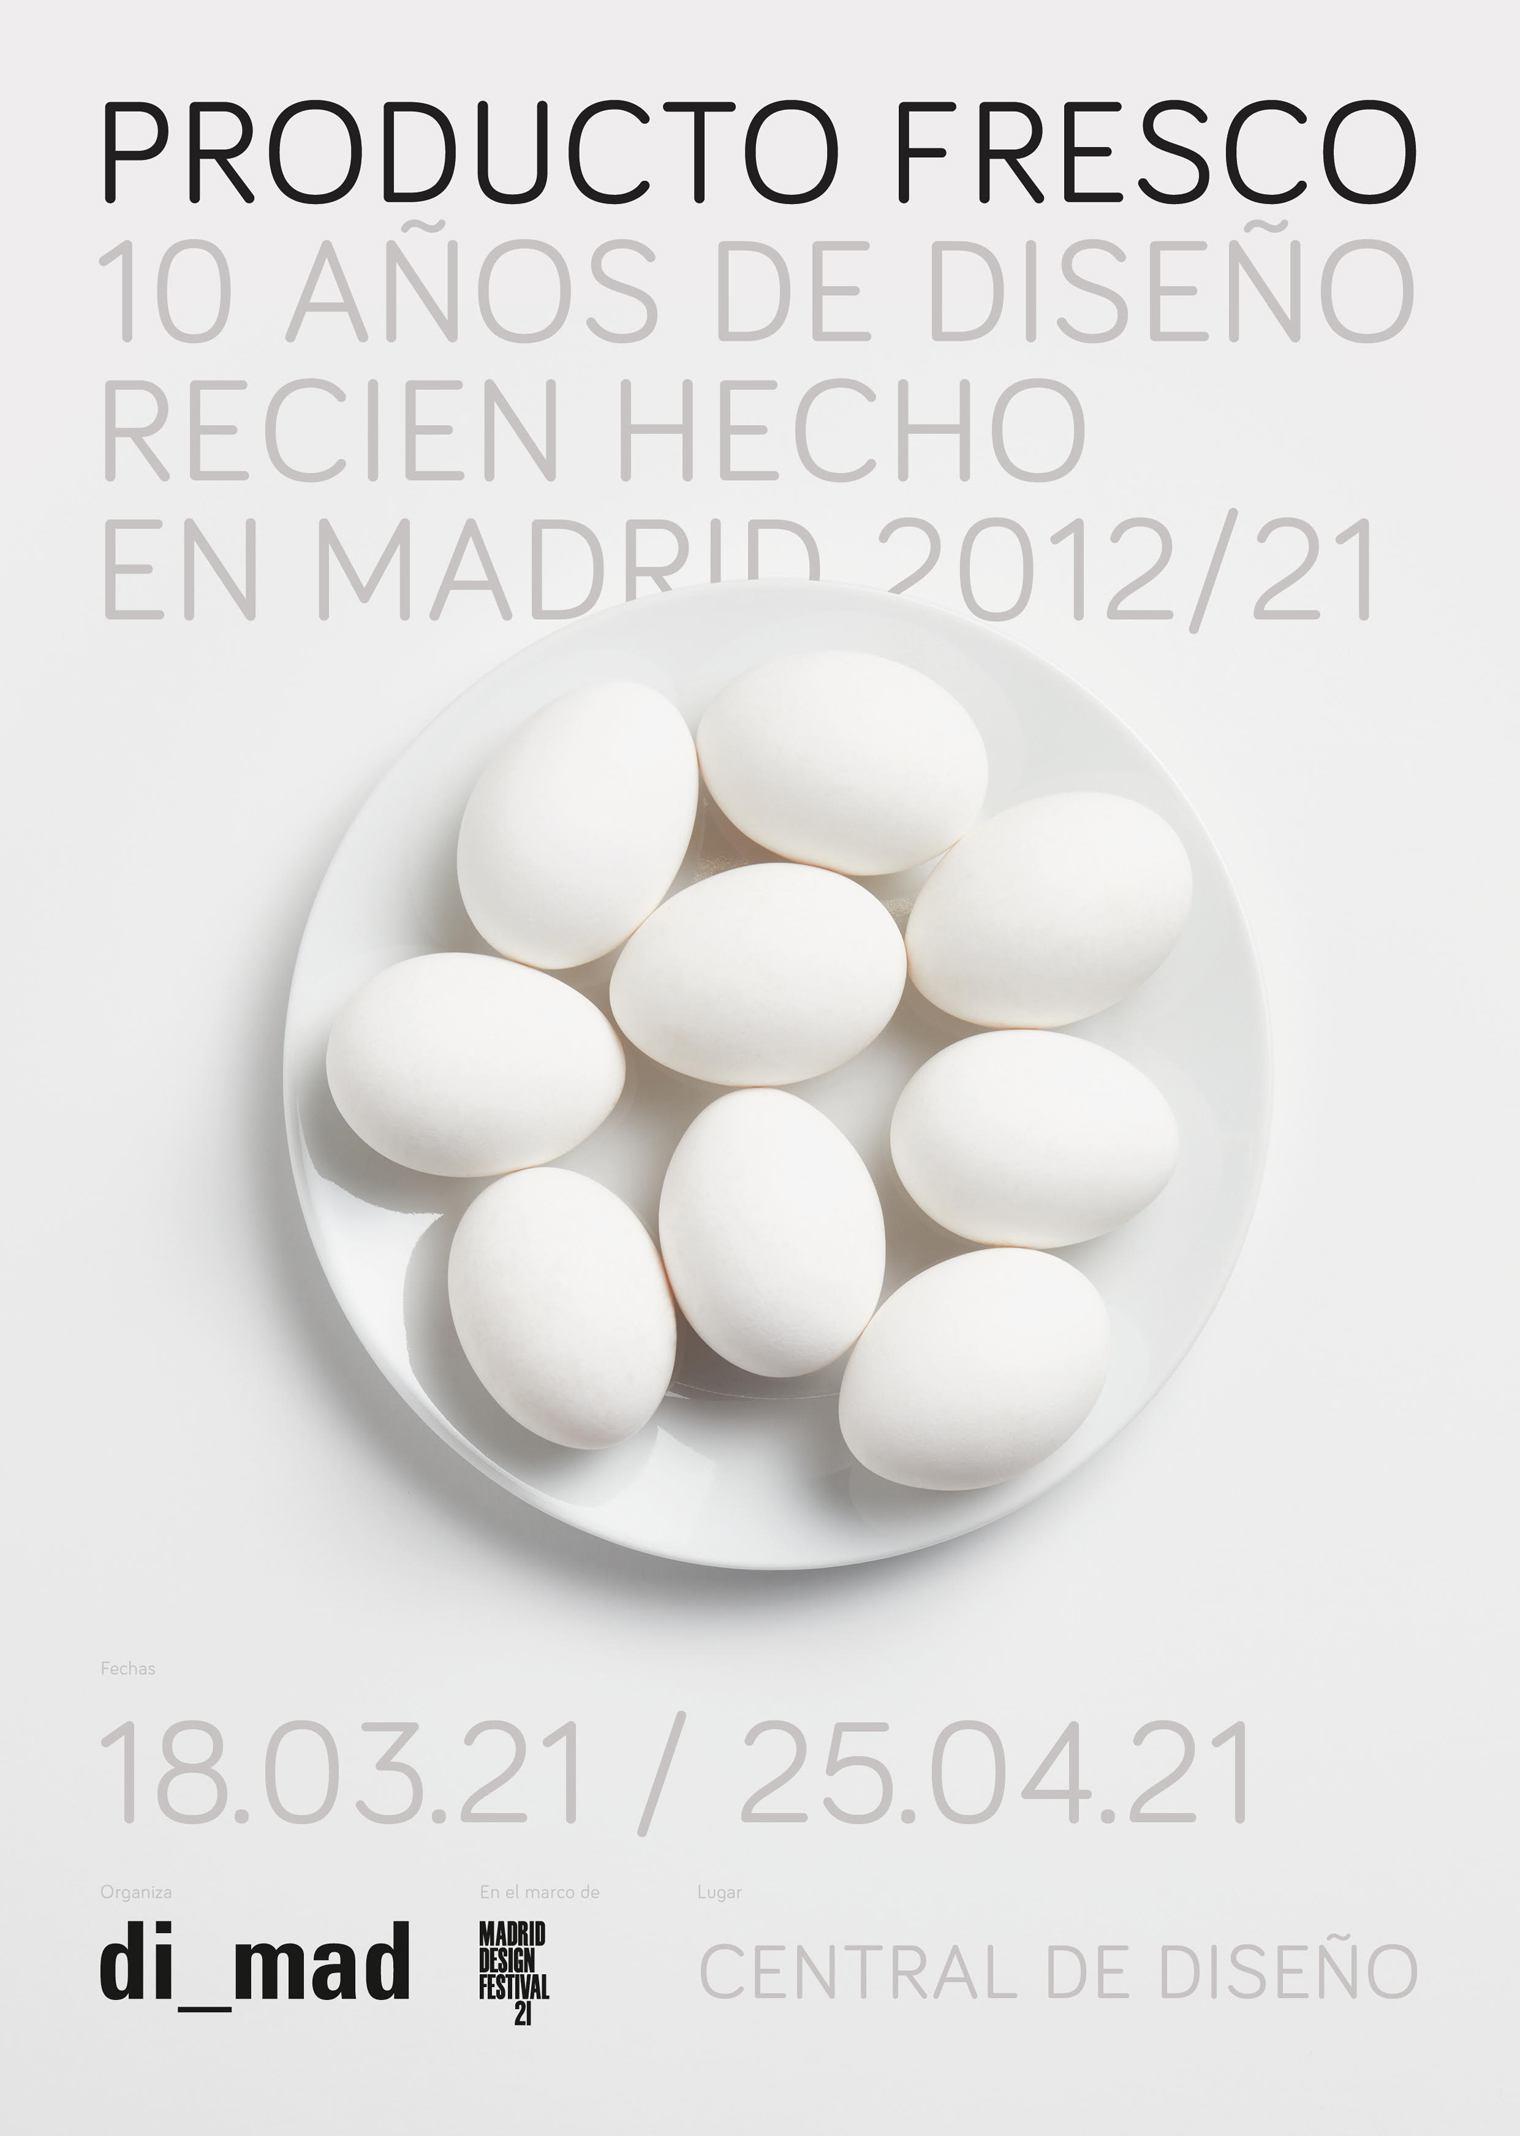 Exposición Producto Fresco. 10 años de diseño recién hecho en Madrid 2012/2021. Central de Diseño de Matadero Madrid